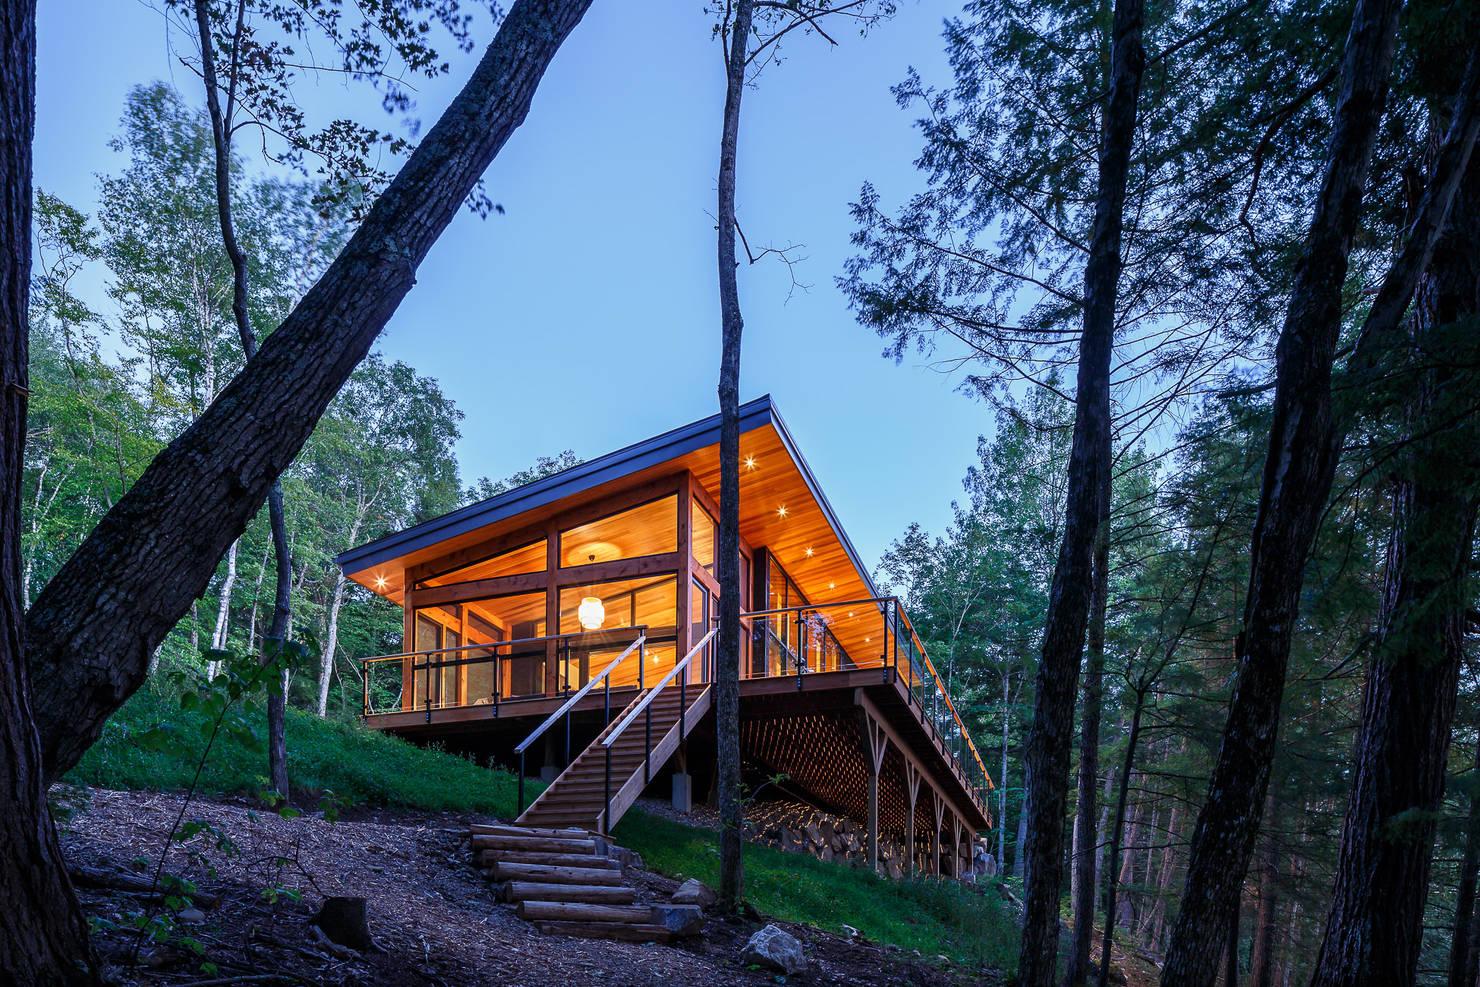 Orman içinde hayranlık verici çağdaş bir ev